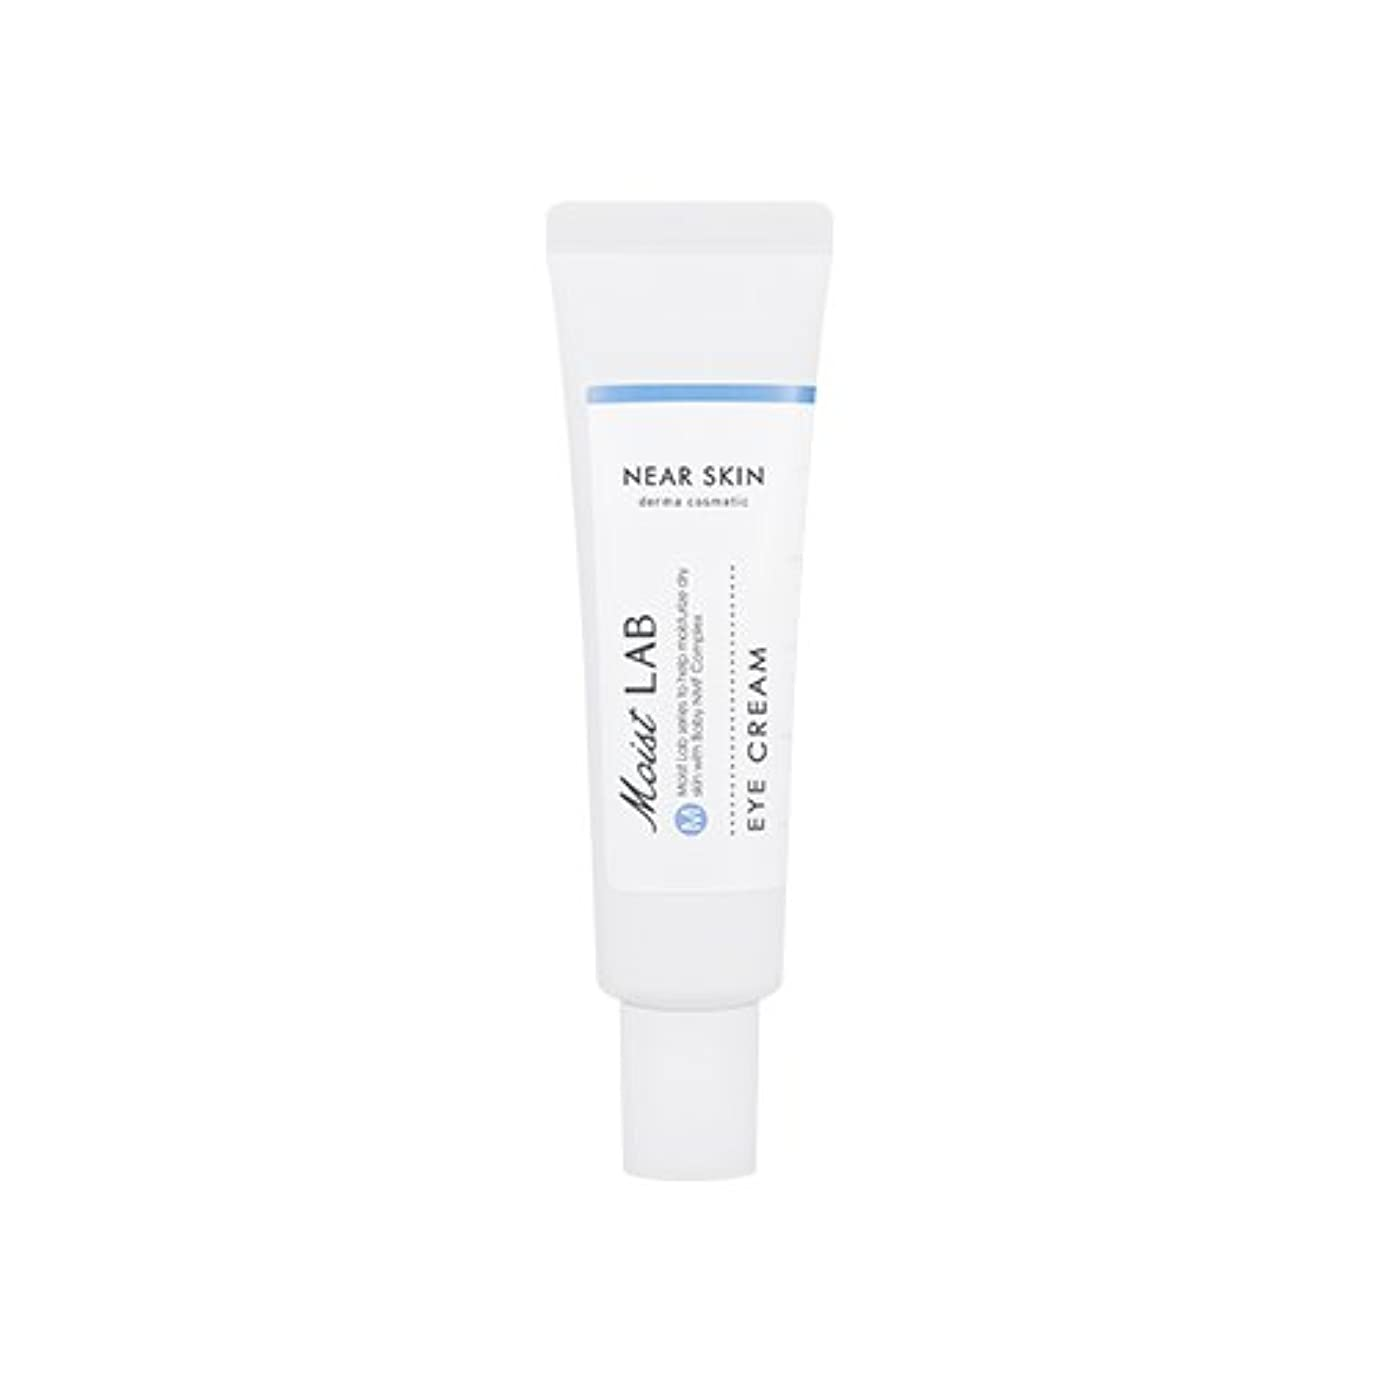 債務者ツーリストマーティンルーサーキングジュニアMISSHA NEAR SKIN Derma Cosmetic Moist LAB (Eye Cream) / ミシャ ニアスキン ダーマコスメティックモイストラボ アイクリーム 30ml [並行輸入品]